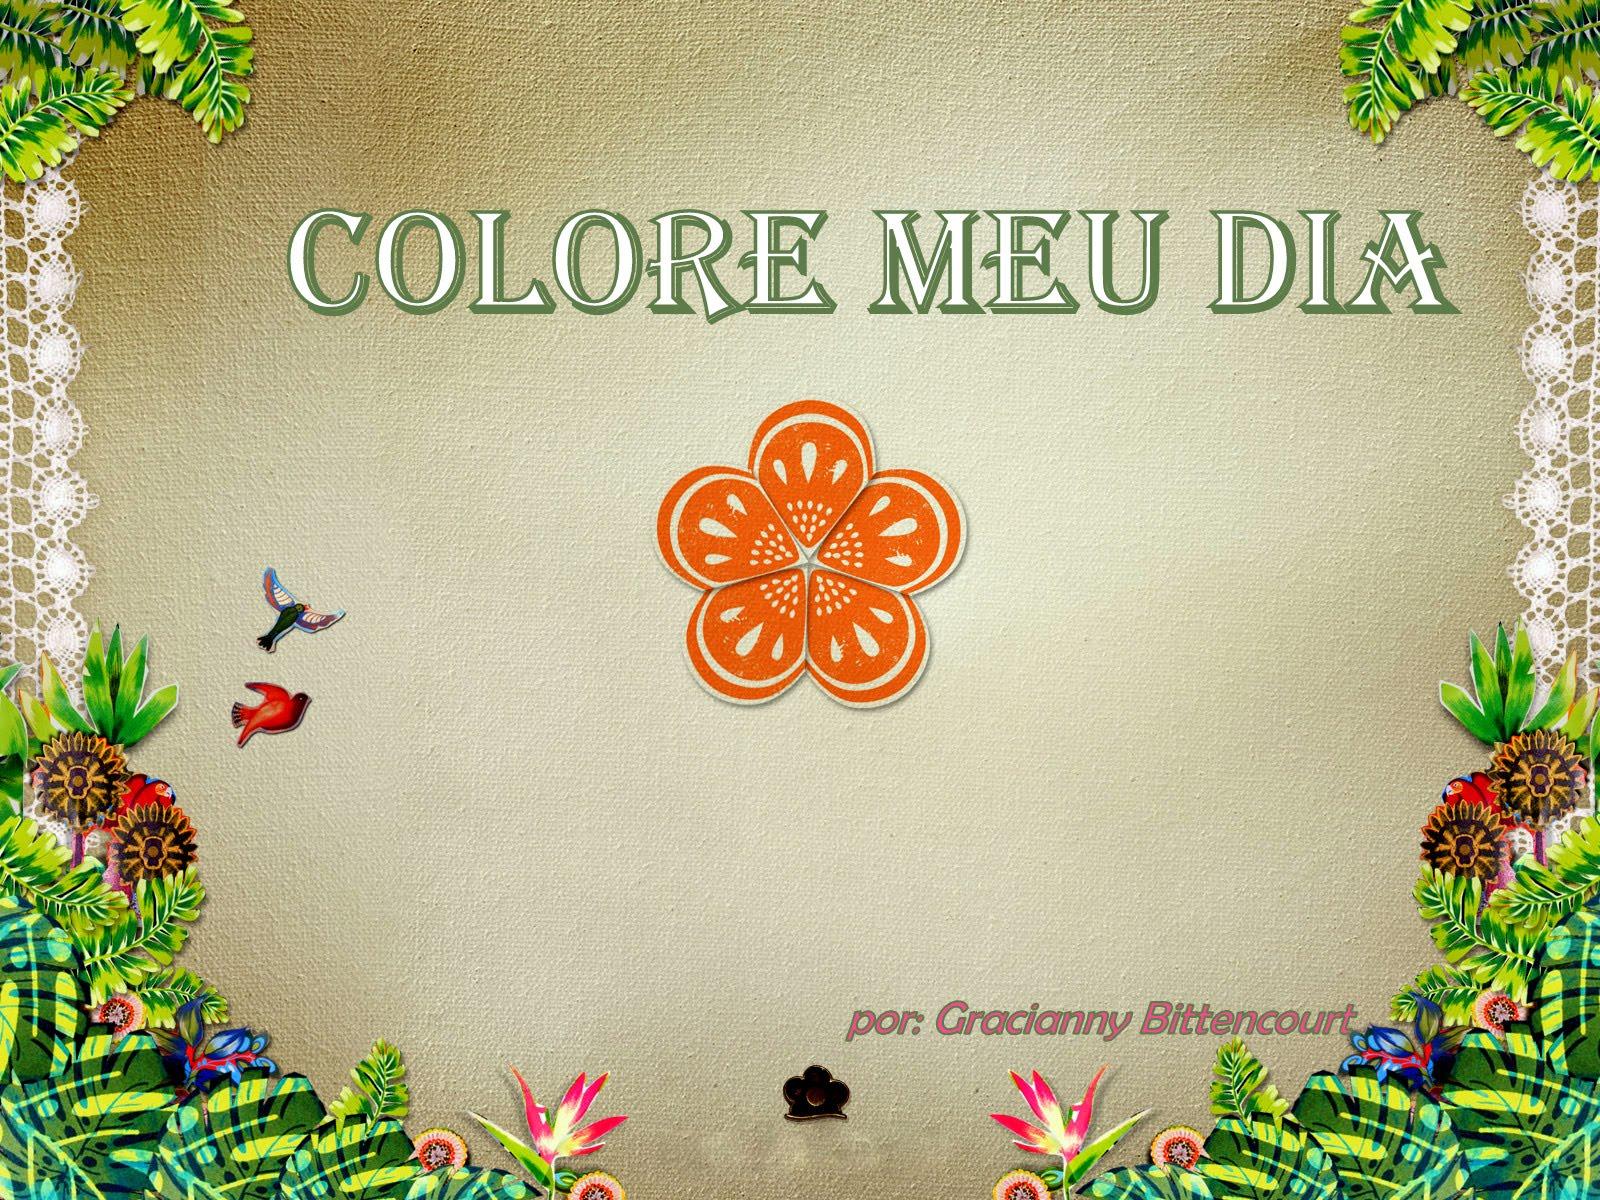 Colore meu dia